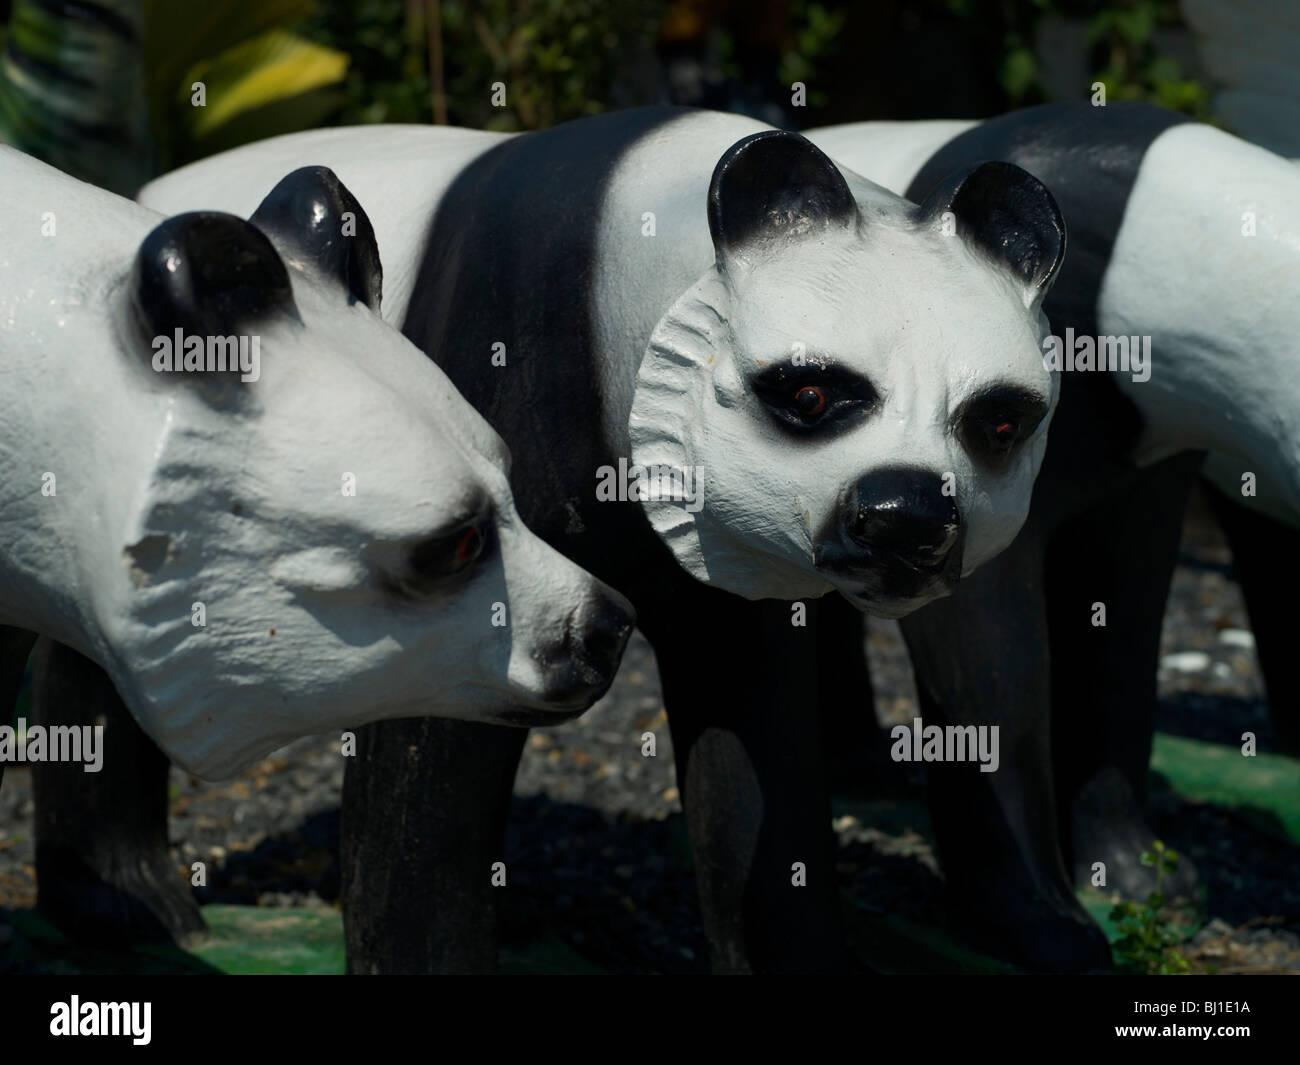 Concrete Pandas Garden Ornament